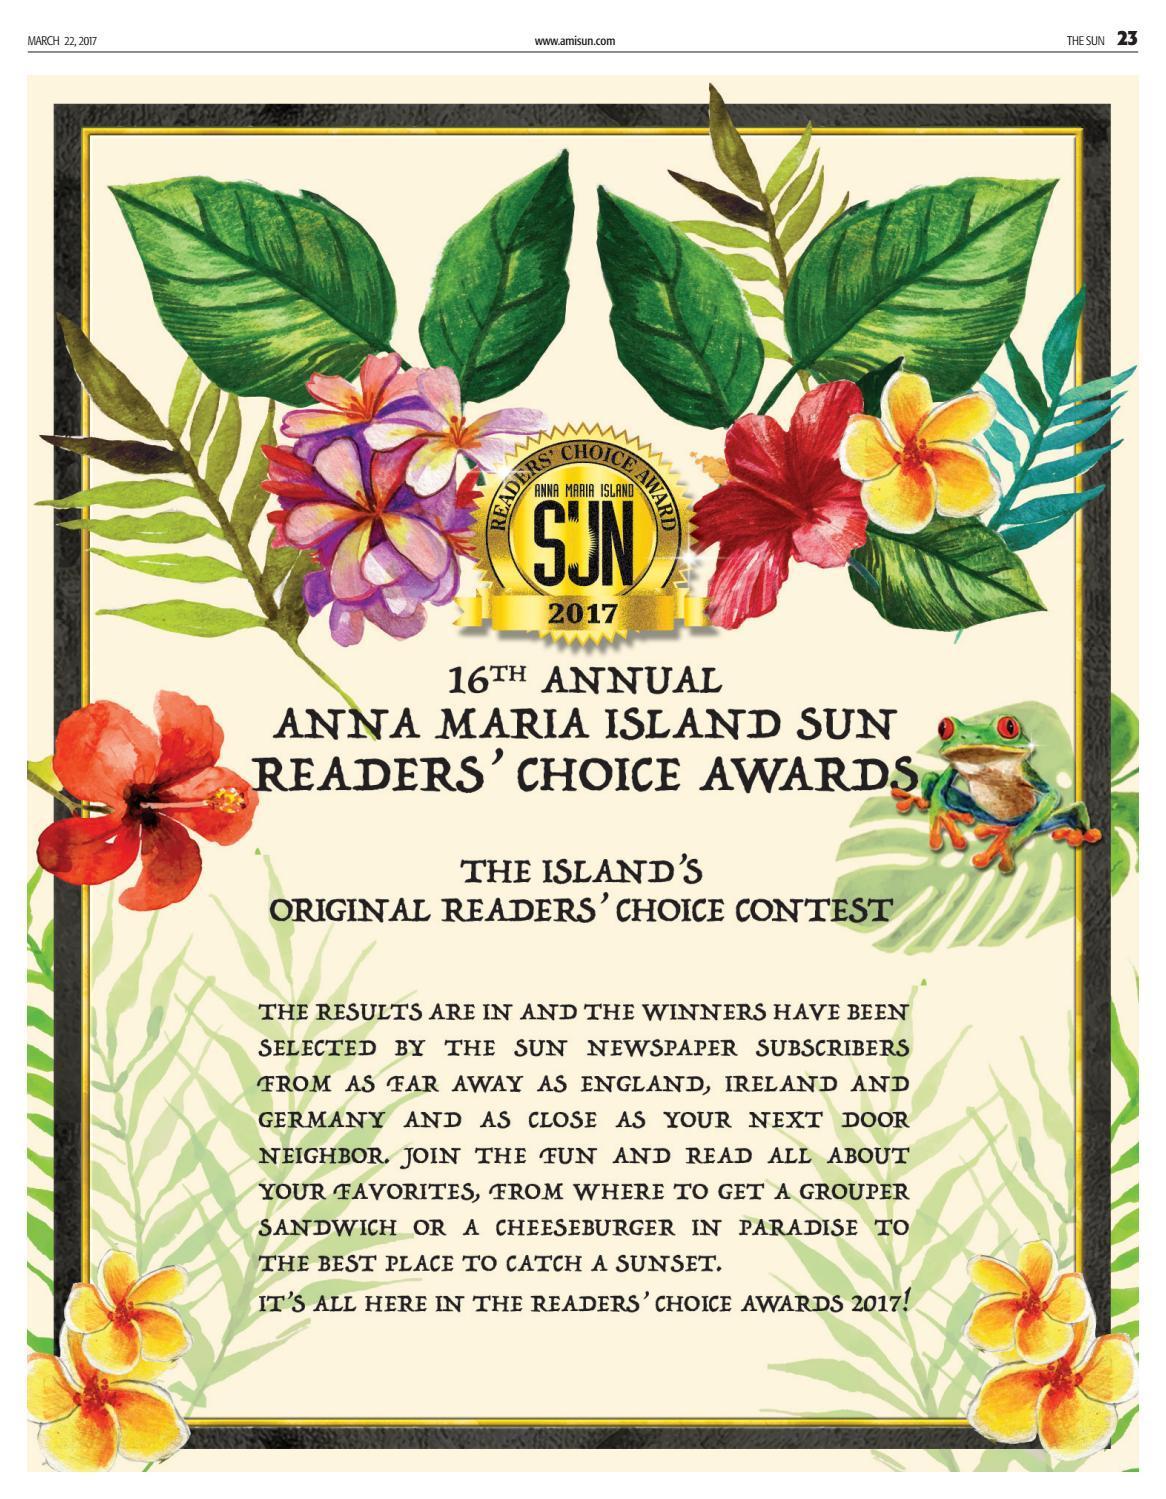 Anna Maria Island Sun March 22 2017 Readers Choice By